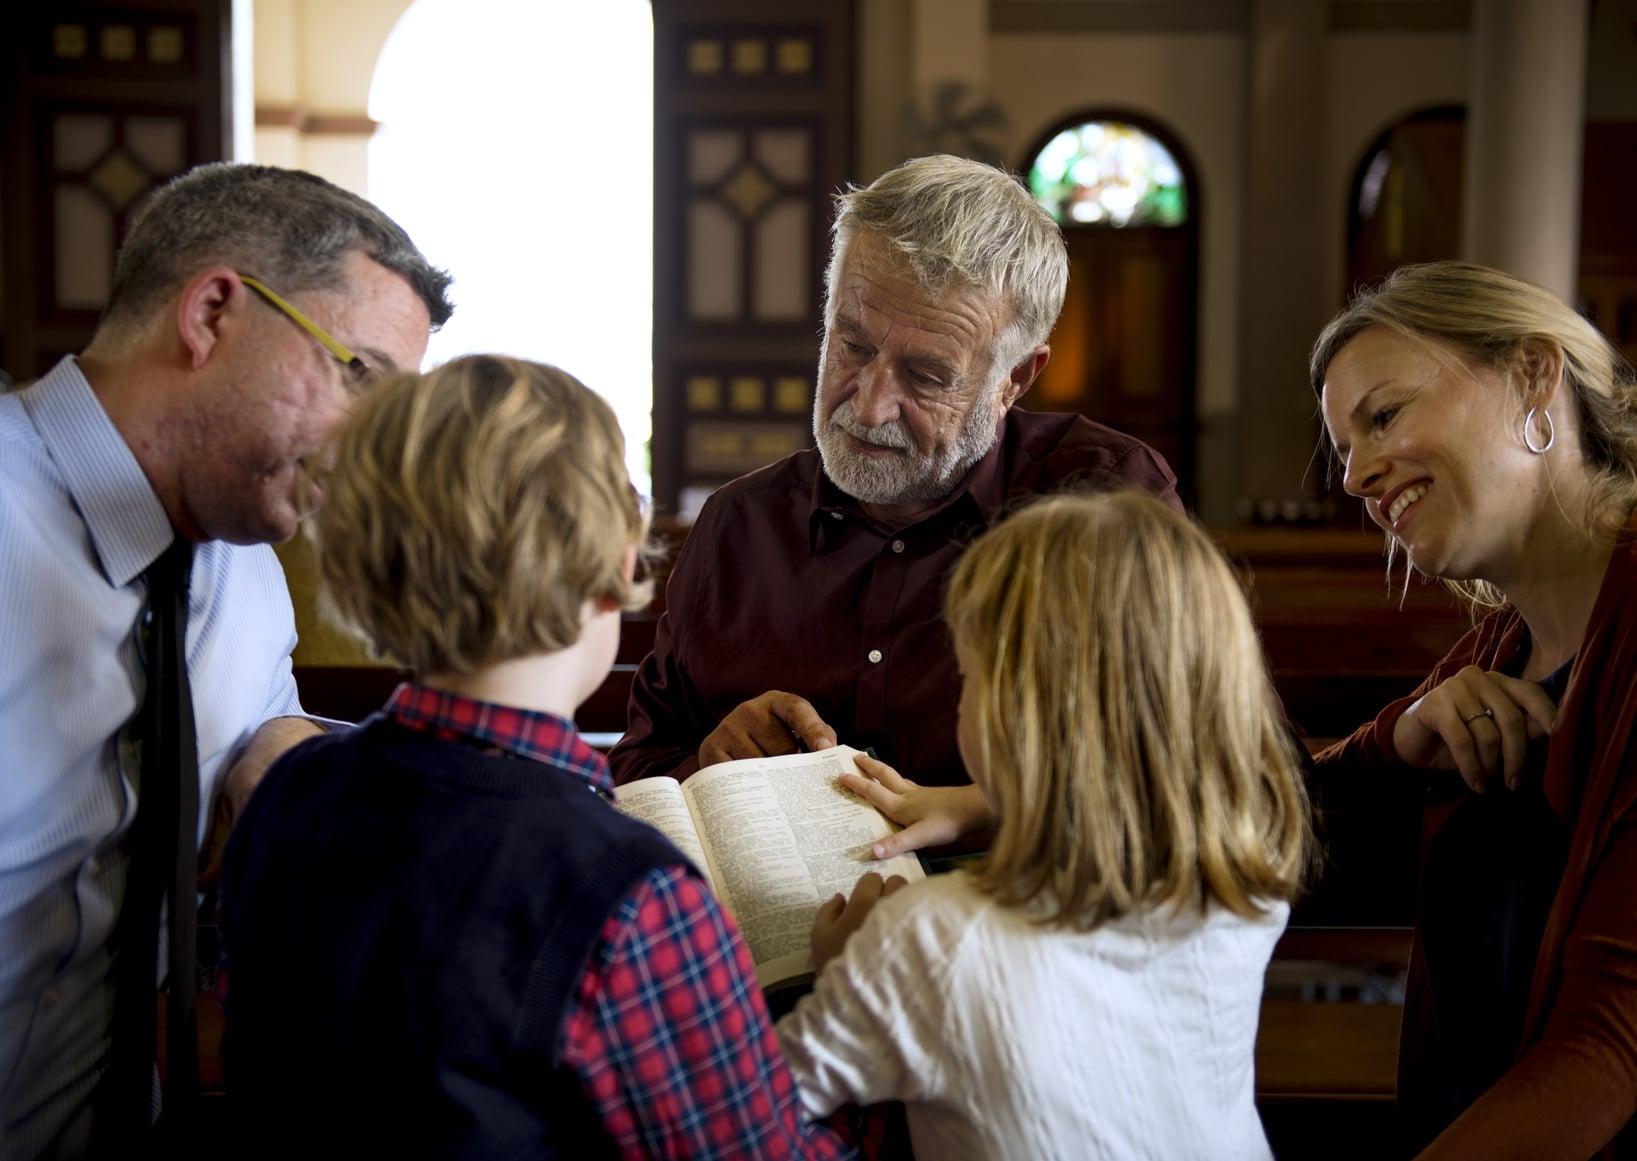 Eine Familie mit 2 Kindern unterhält sich in einer Kirche mit einem Pastor. Alle schaue freundlich und lesen dabei in einer Bibel. Die Eltern führen die Kinder in die gepflogenheiten ein und stärken damit signifikant das Selbstbewusstsein.